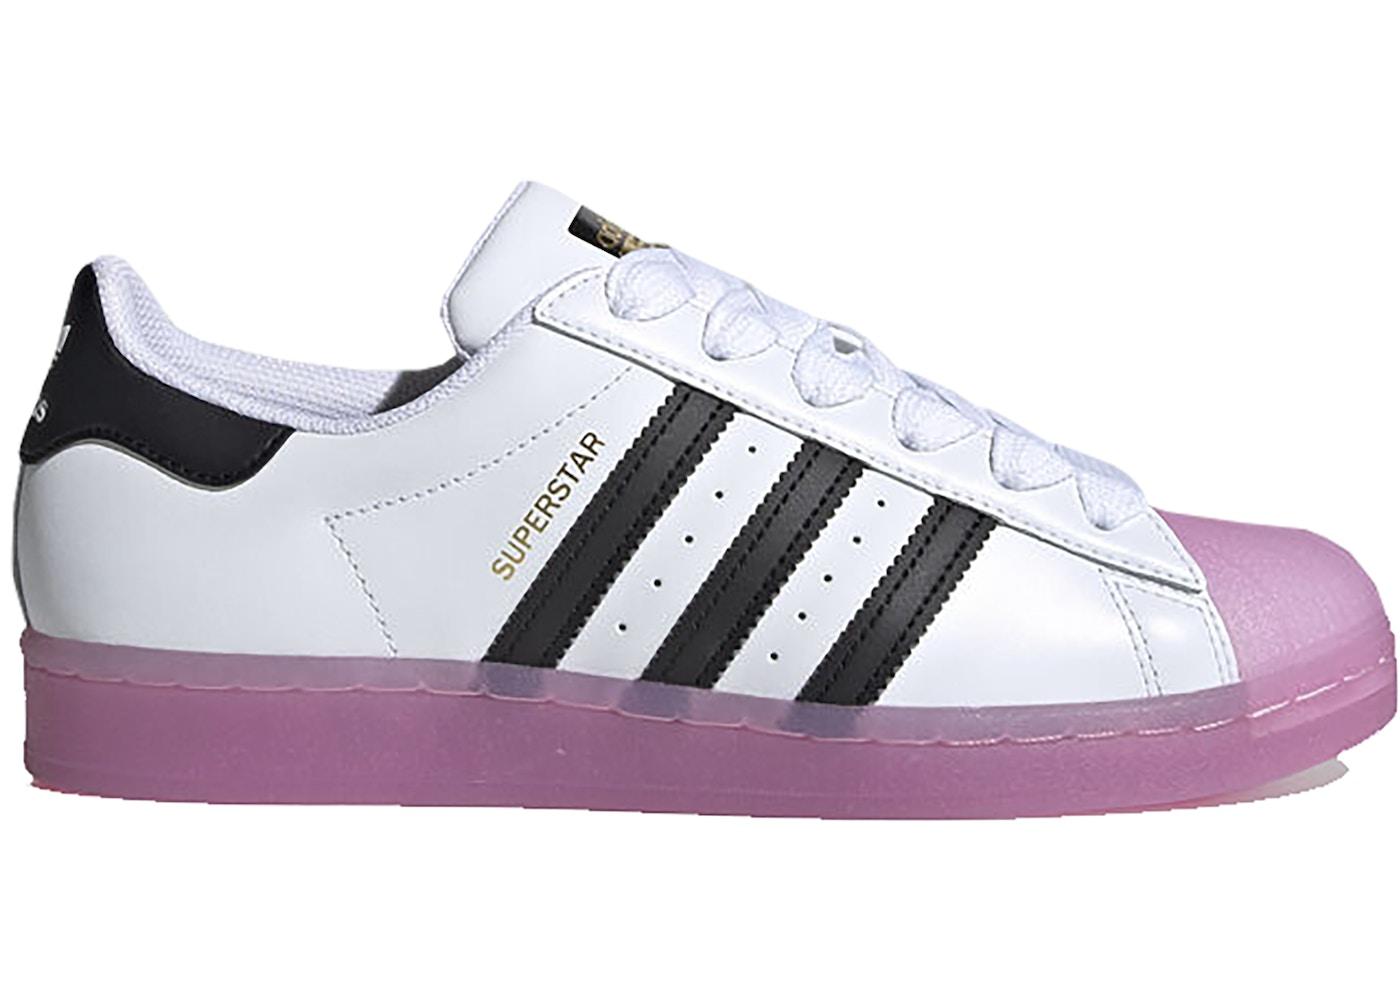 adidas Superstar White Black Shock Purple (W)